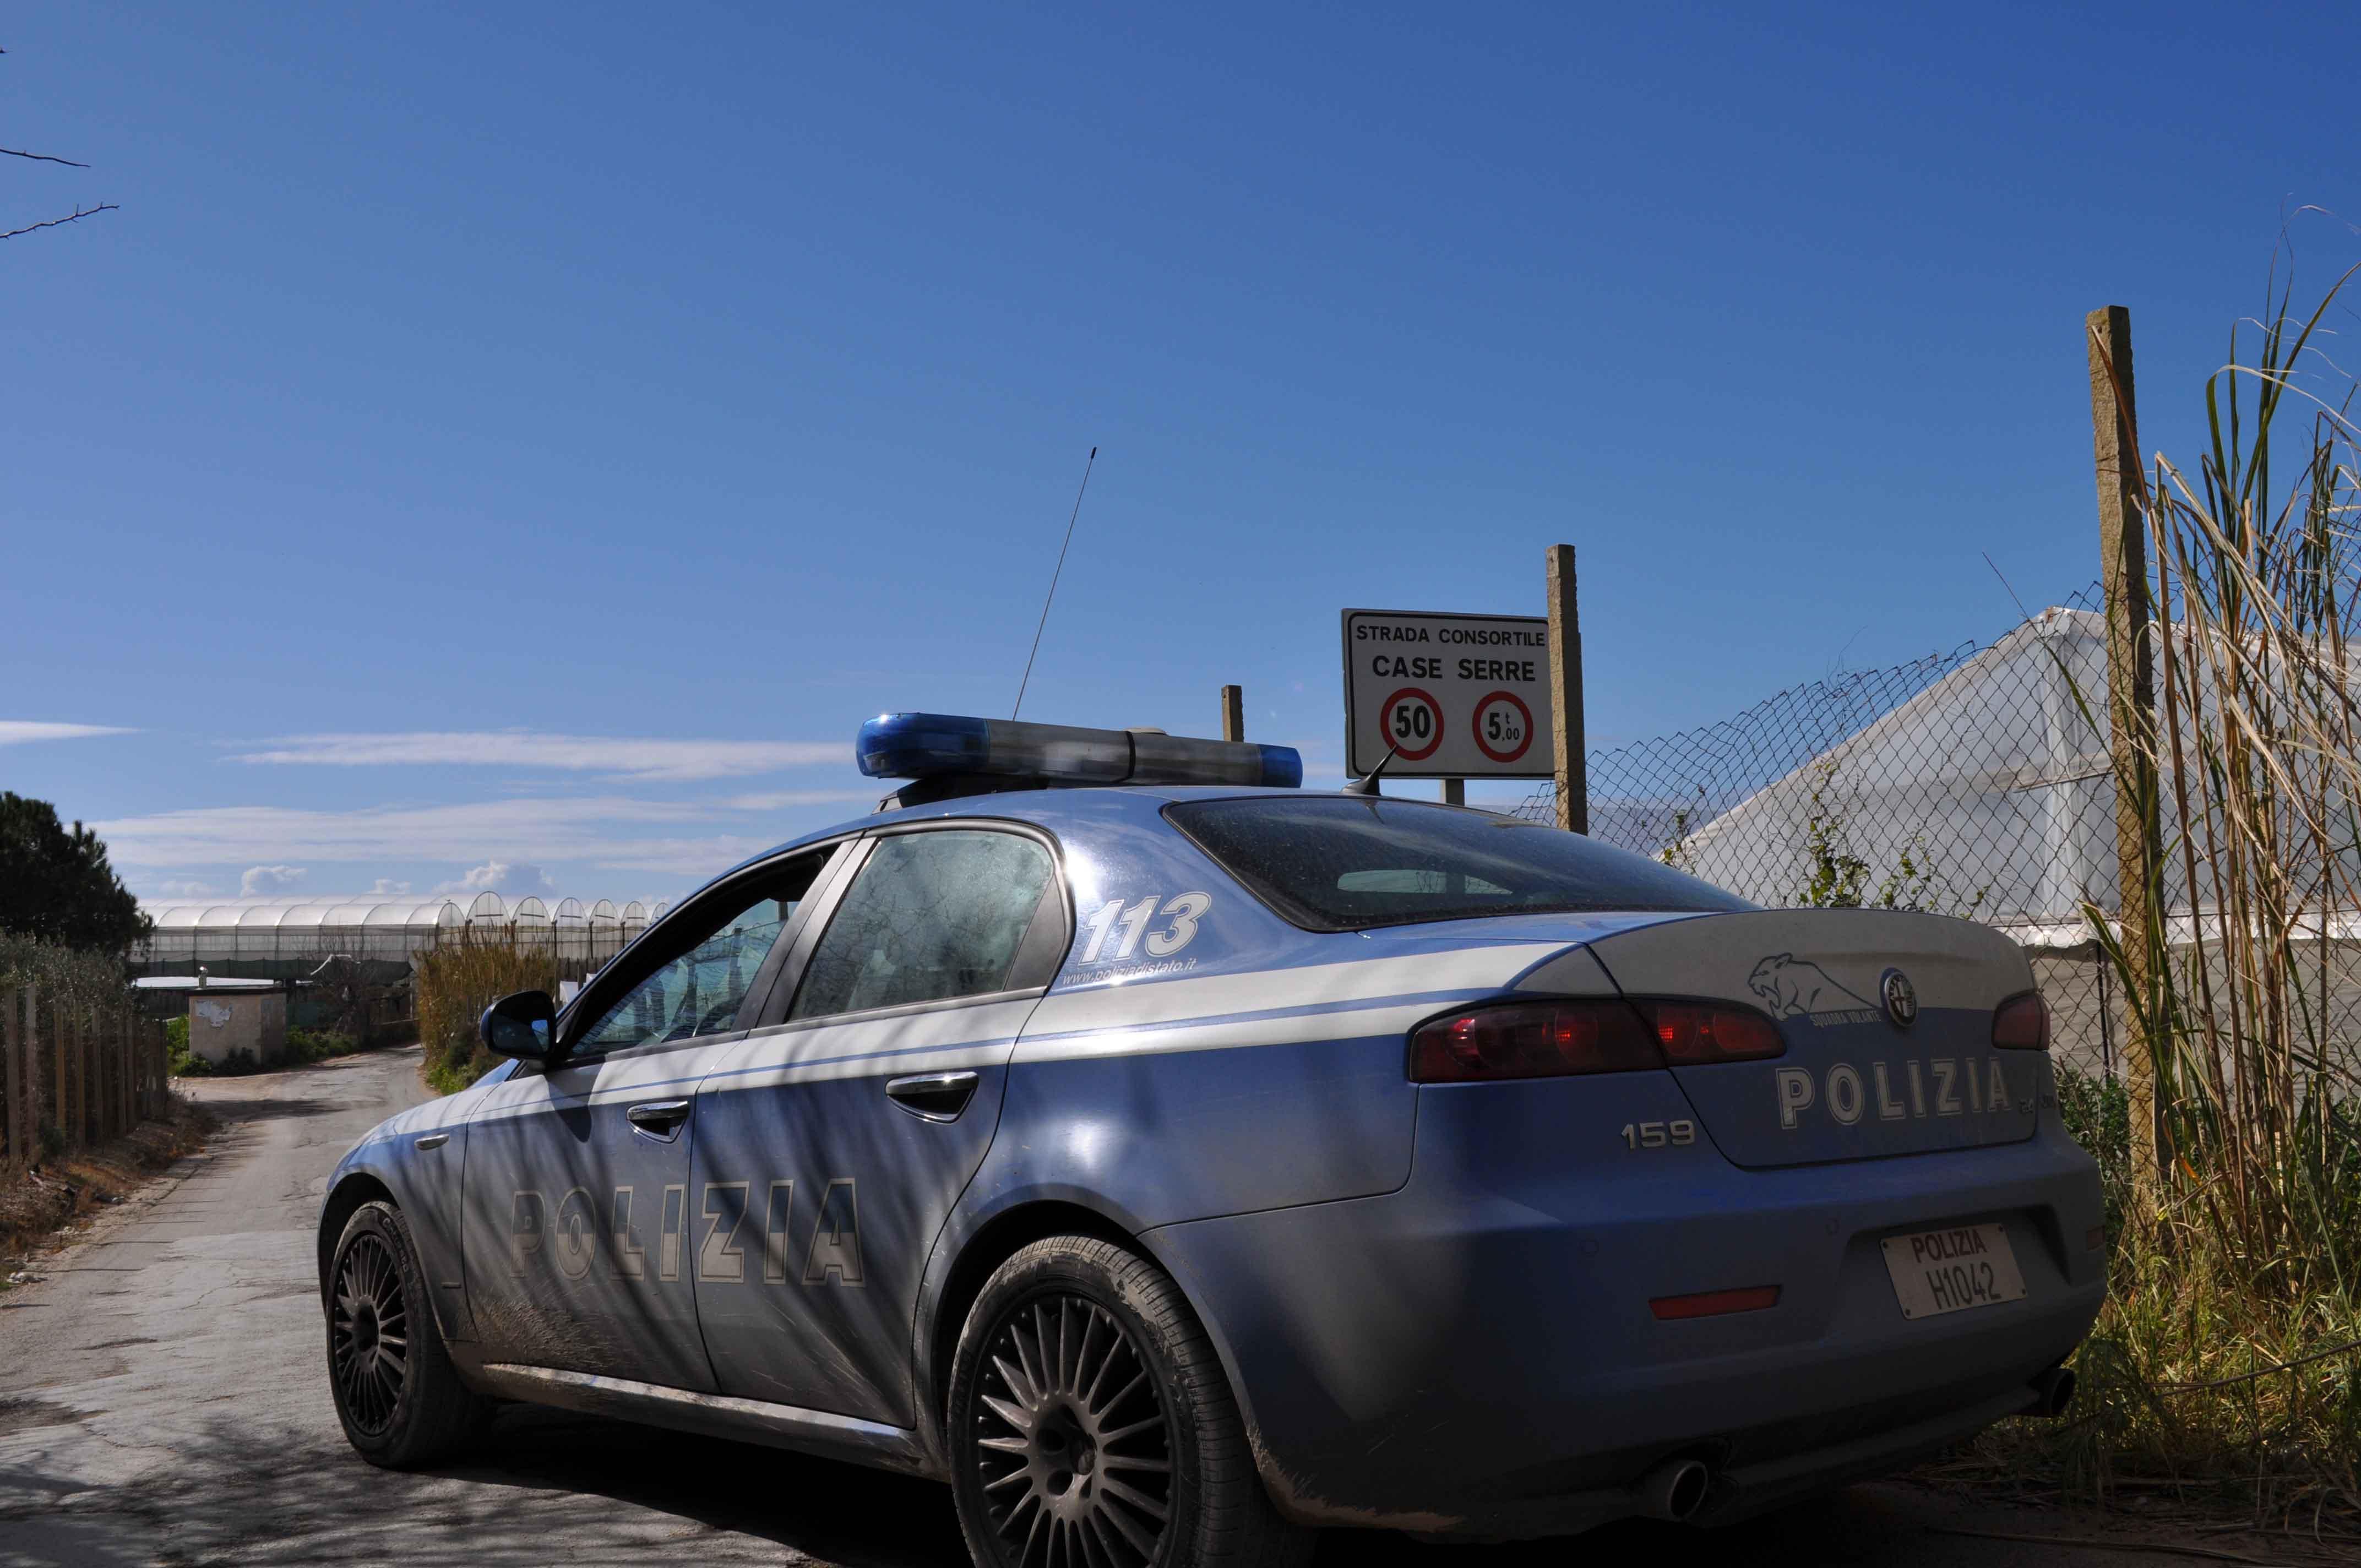 VITTORIA. Pericoloso Romeno Ricercato In Tutta Europa Arrestato Dalla Polizia